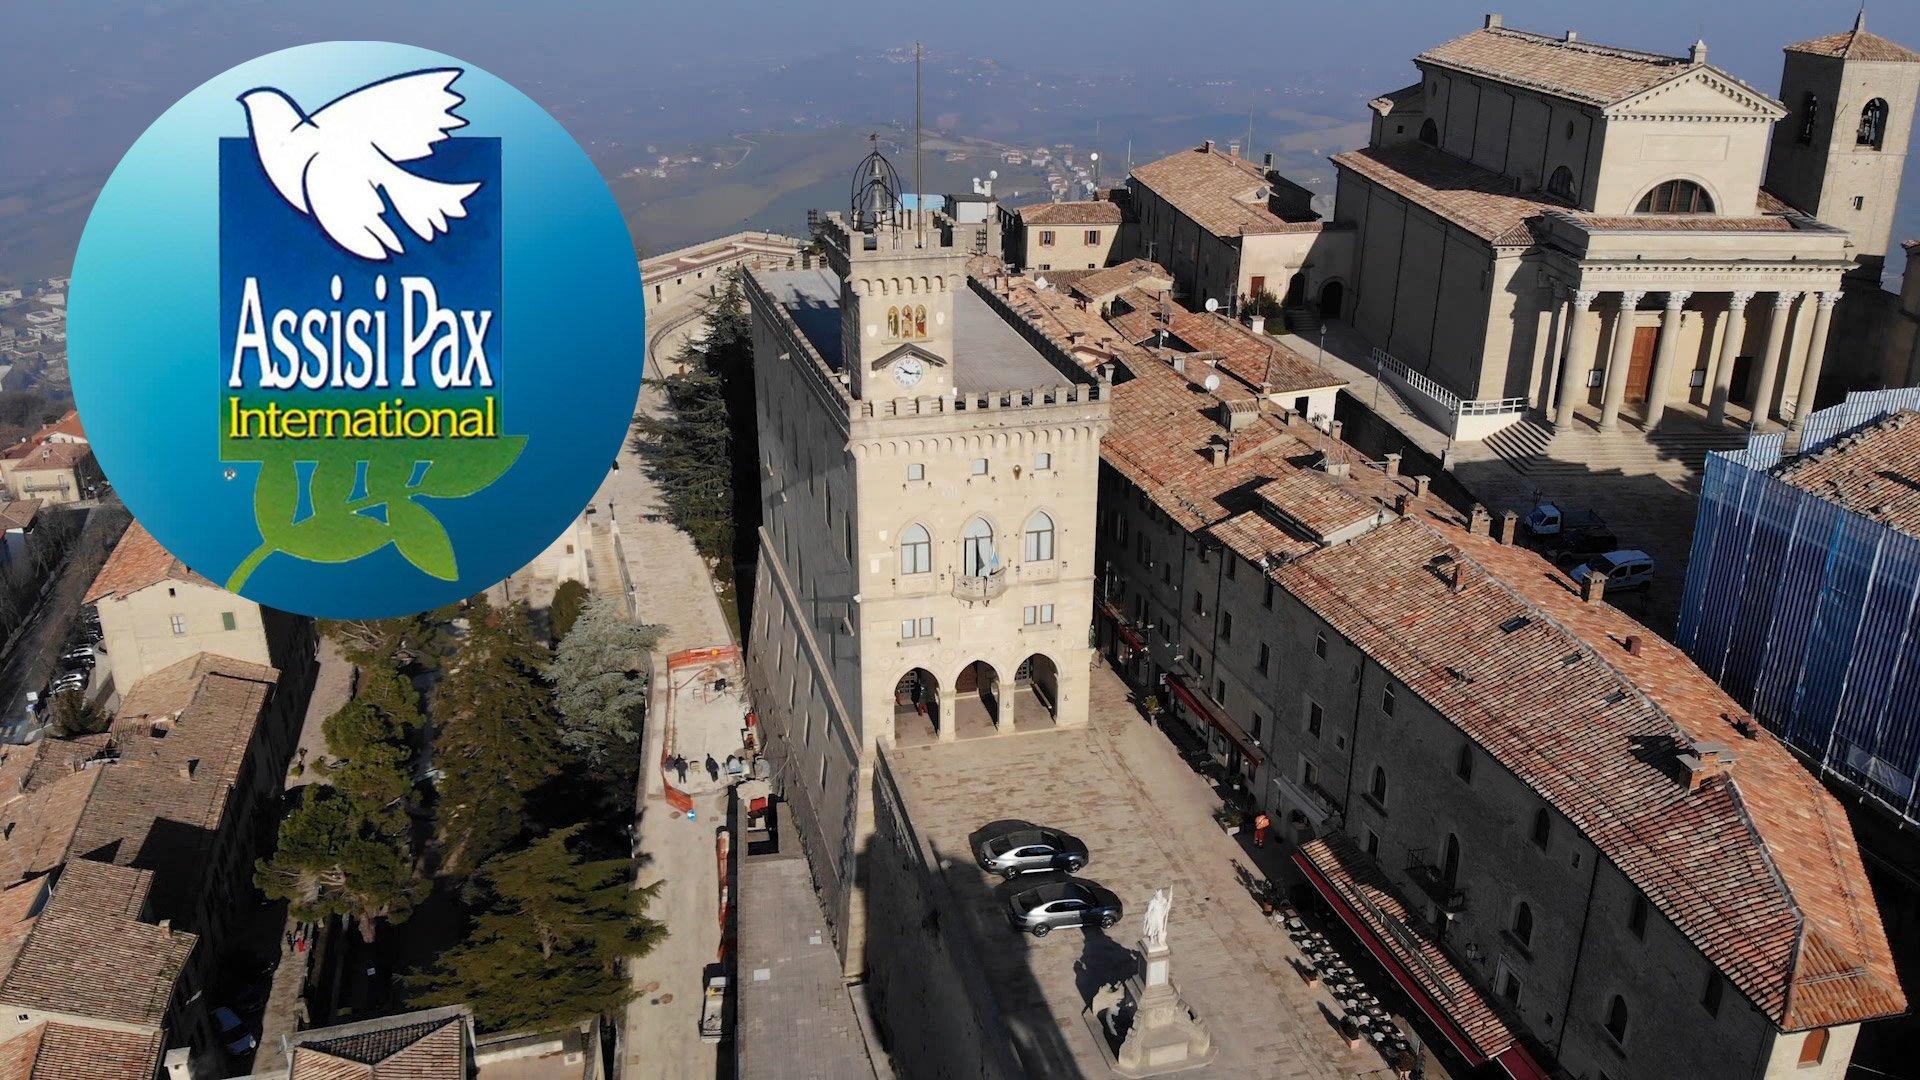 Assisi_Pax_2019